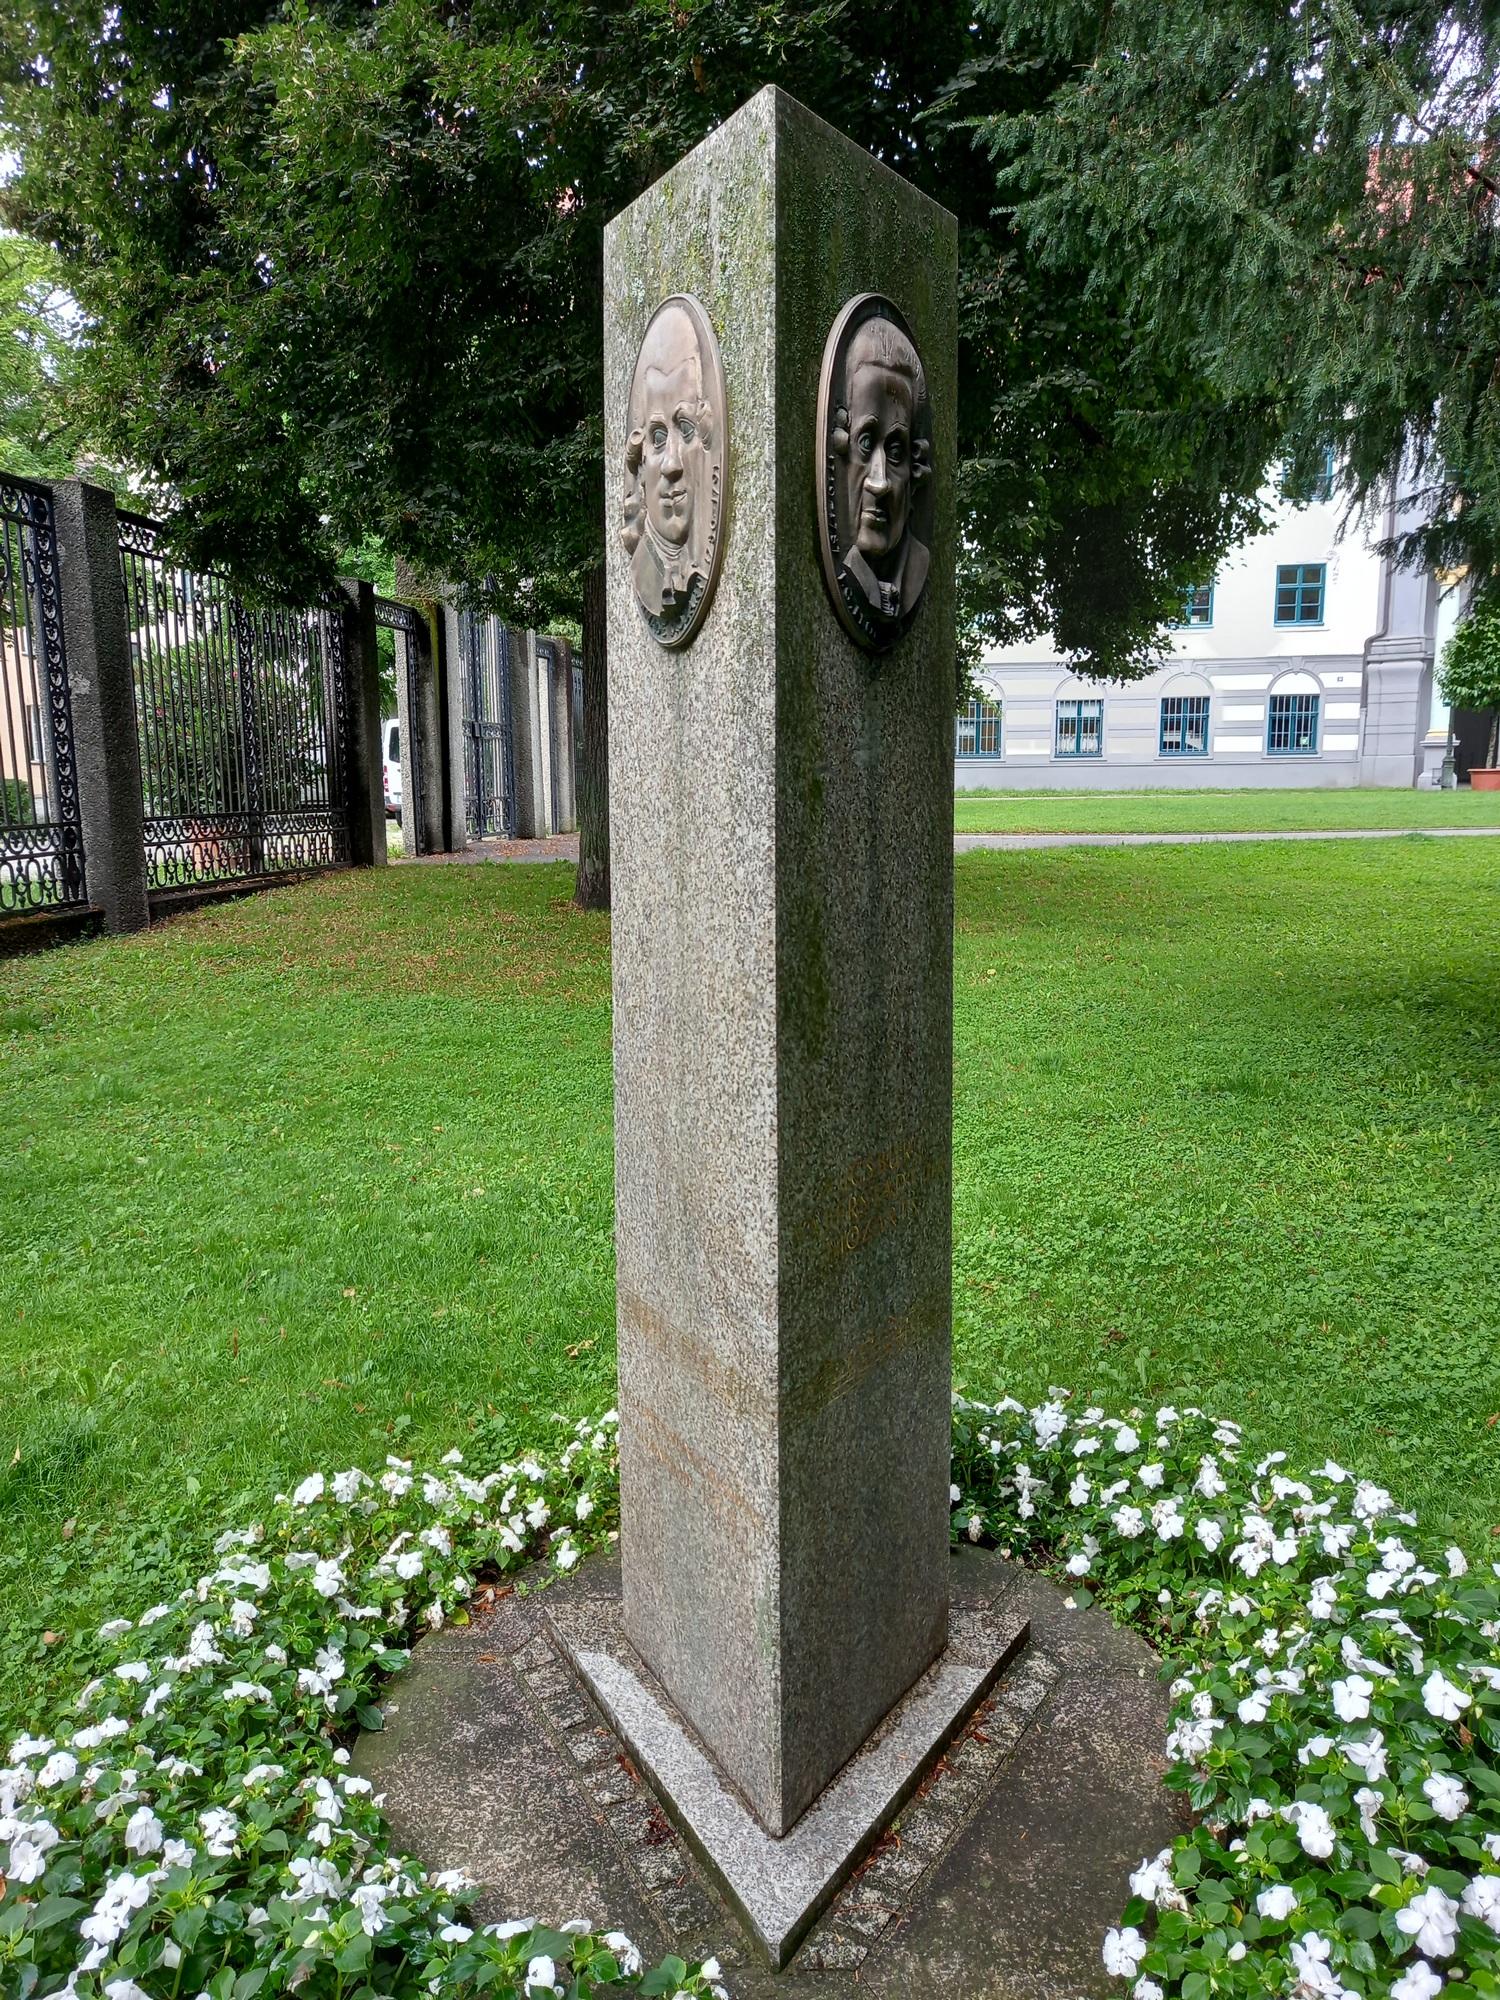 Leopold és Wolfgang Amadeus Mozart emlékoszlopa Augsburgban